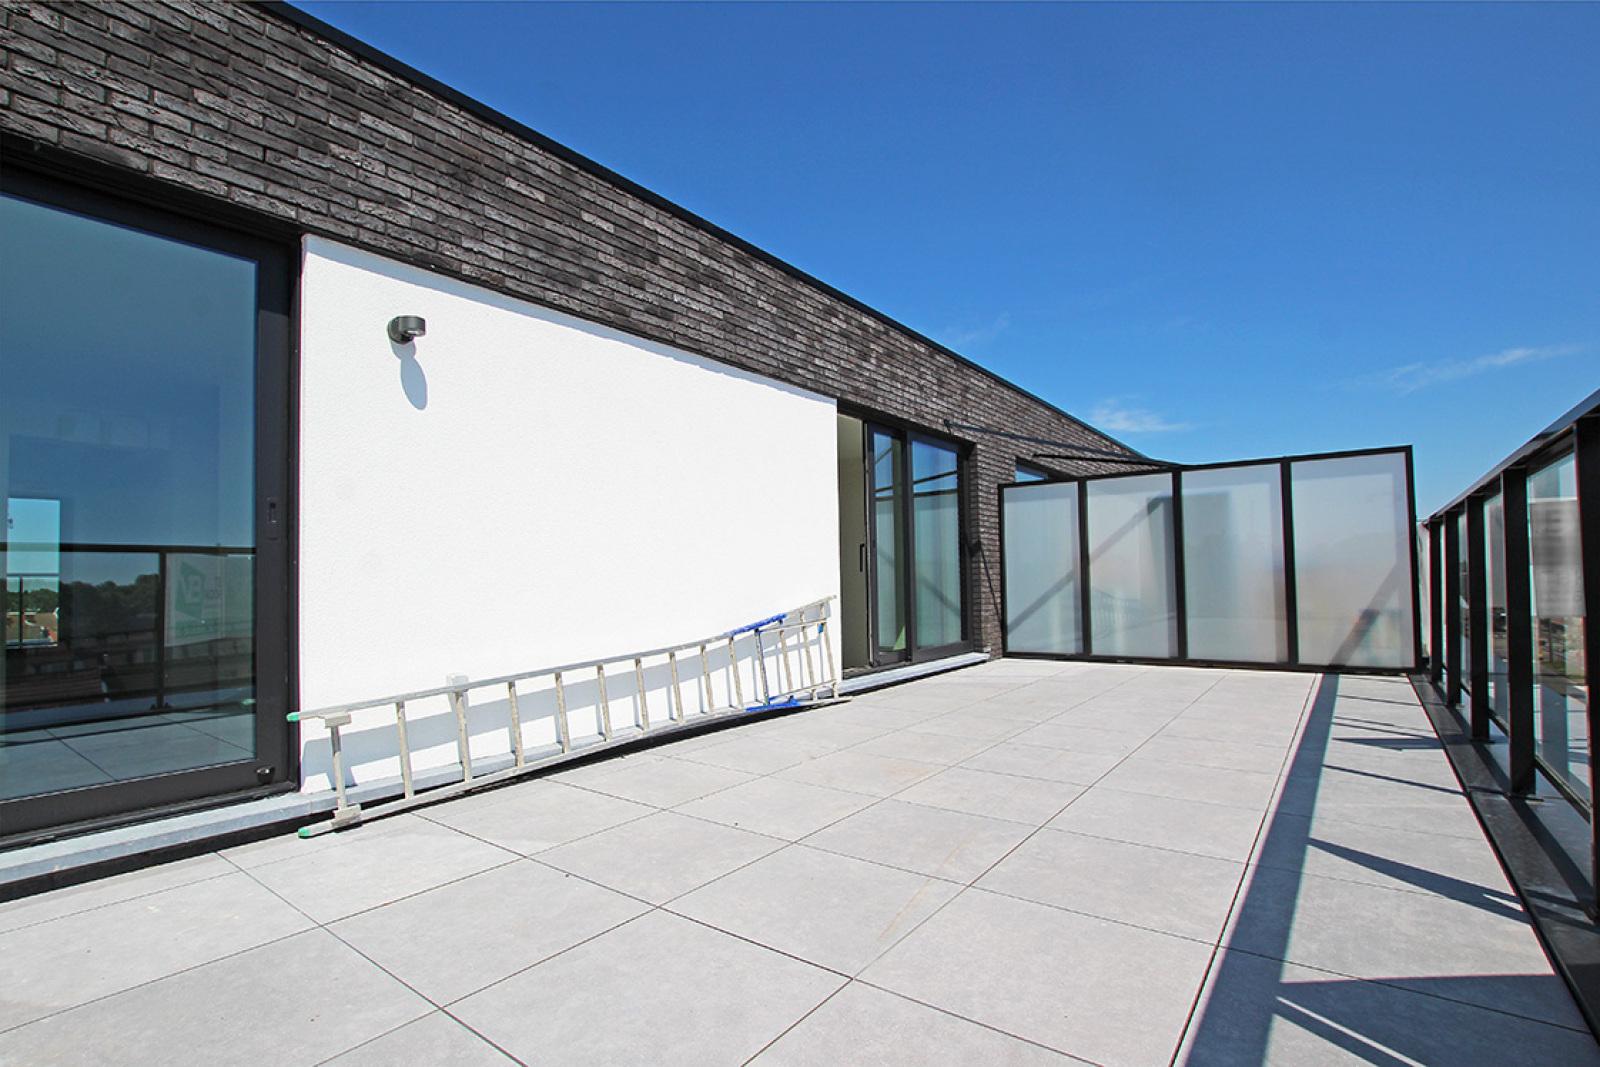 Prachtig dakappartement met maar liefst 2 ruime terrassen op gegeerde locatie! afbeelding 3